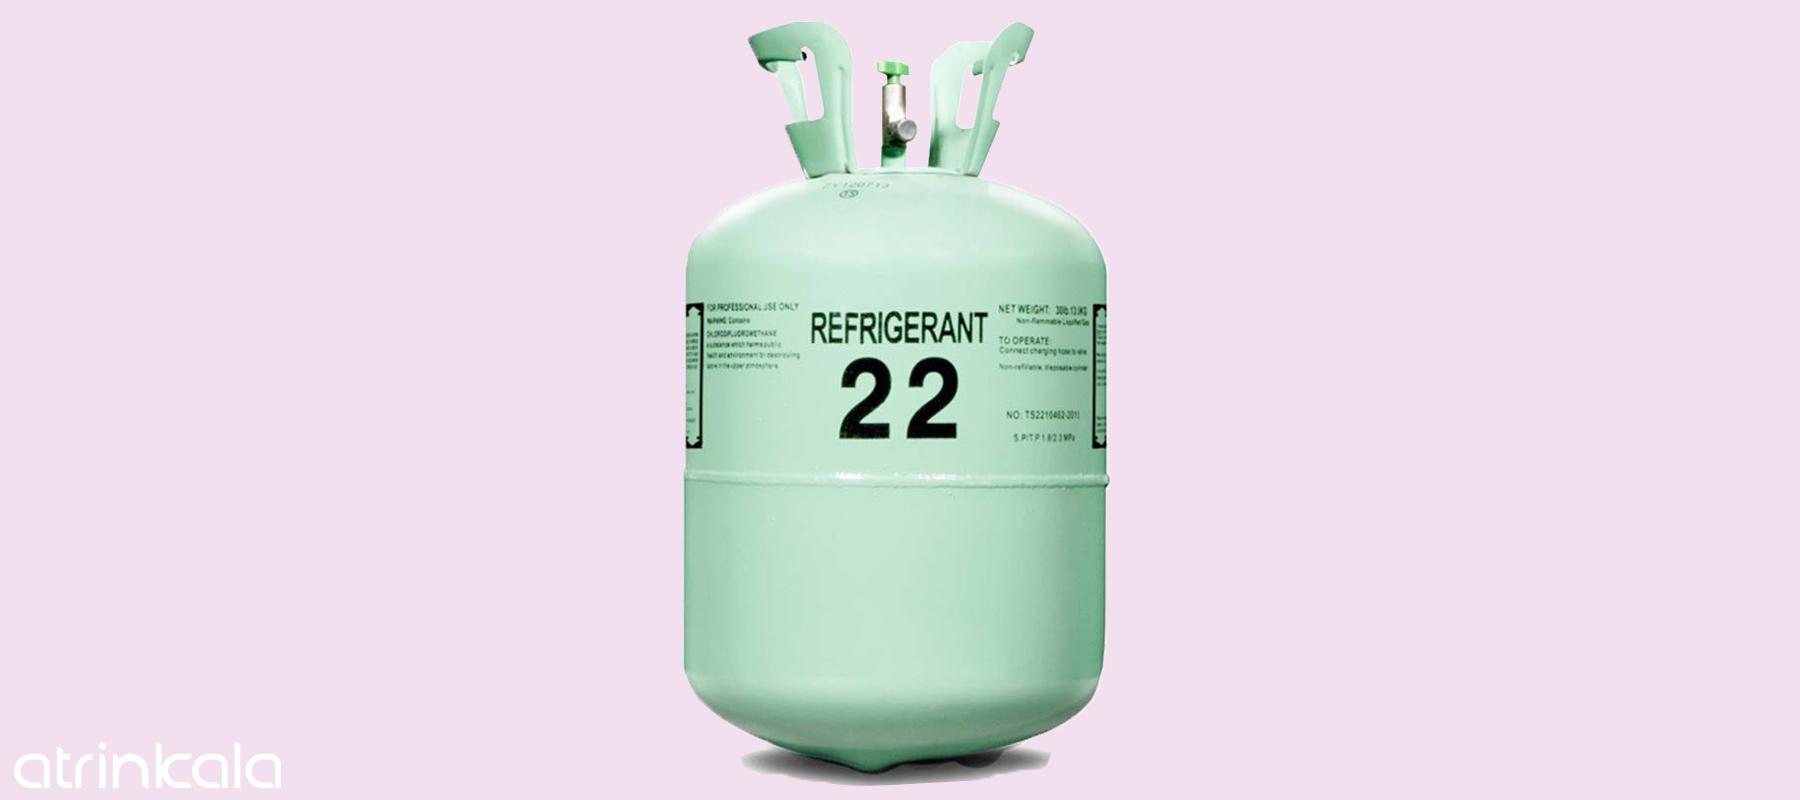 تفاوت گاز R22 با گاز R410